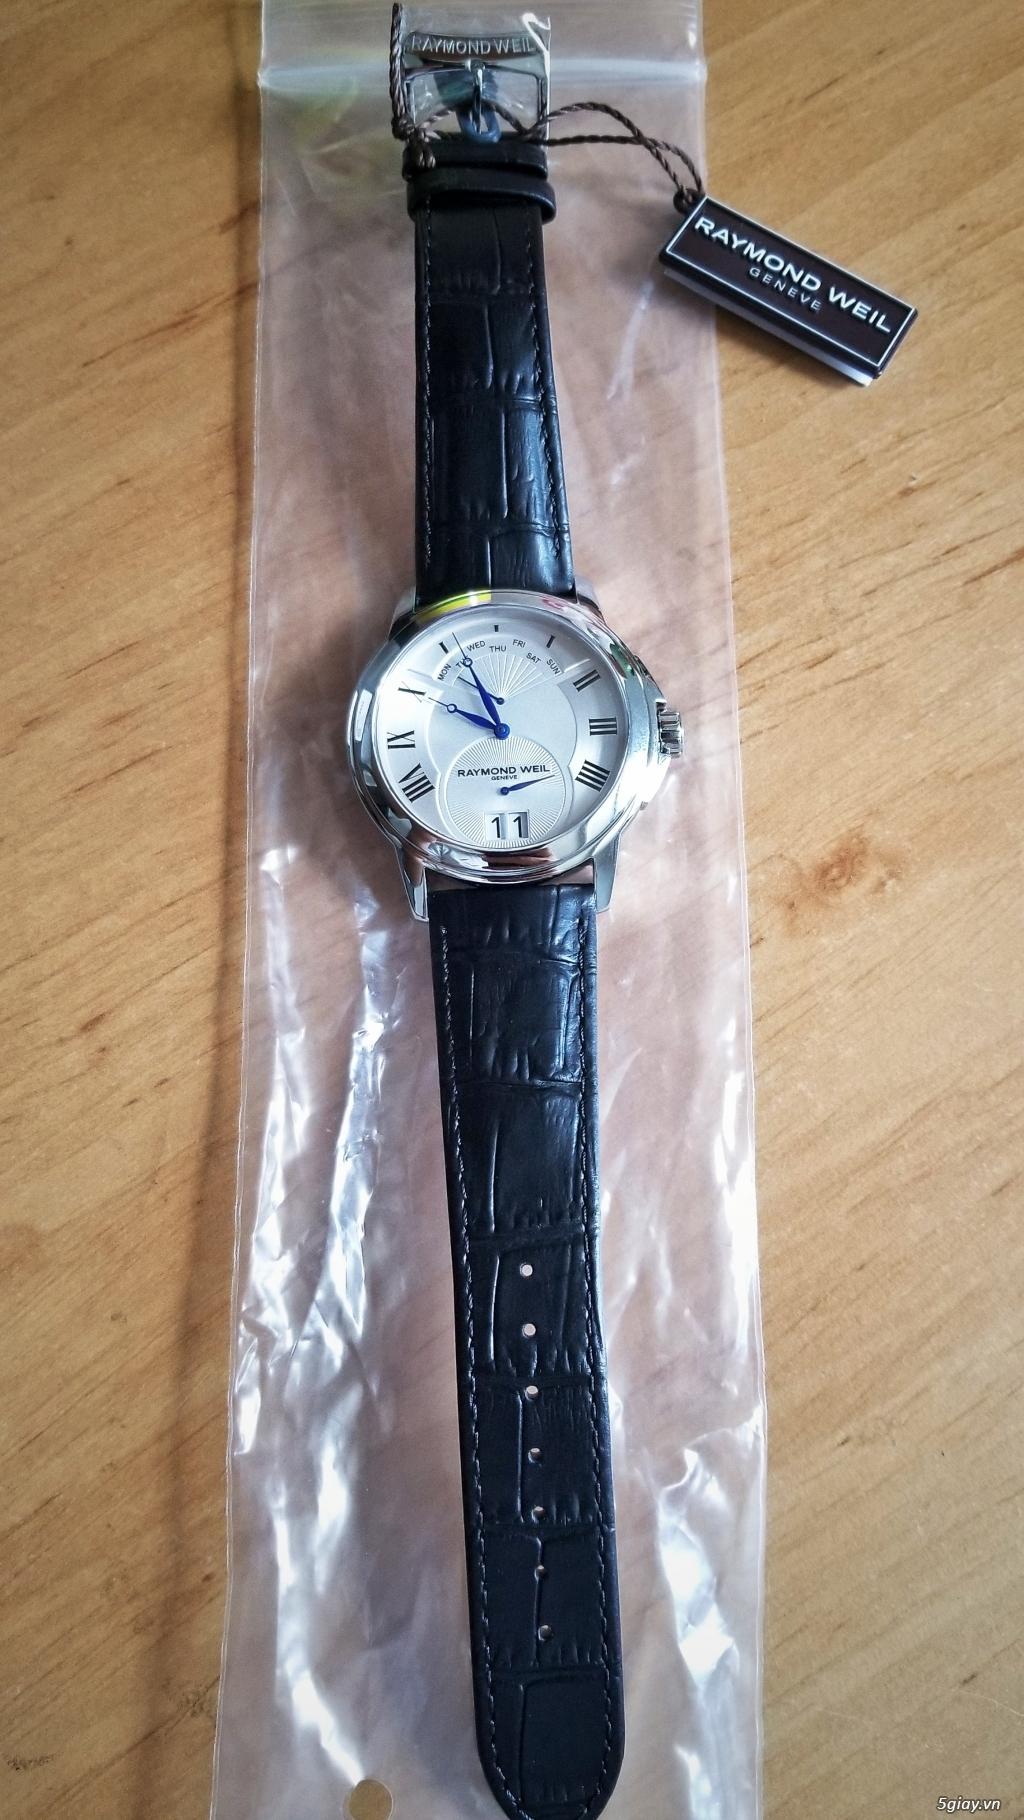 Đồng hồ Raymond Weil (Swiss) fullbox new 100% (hình thật) - 3